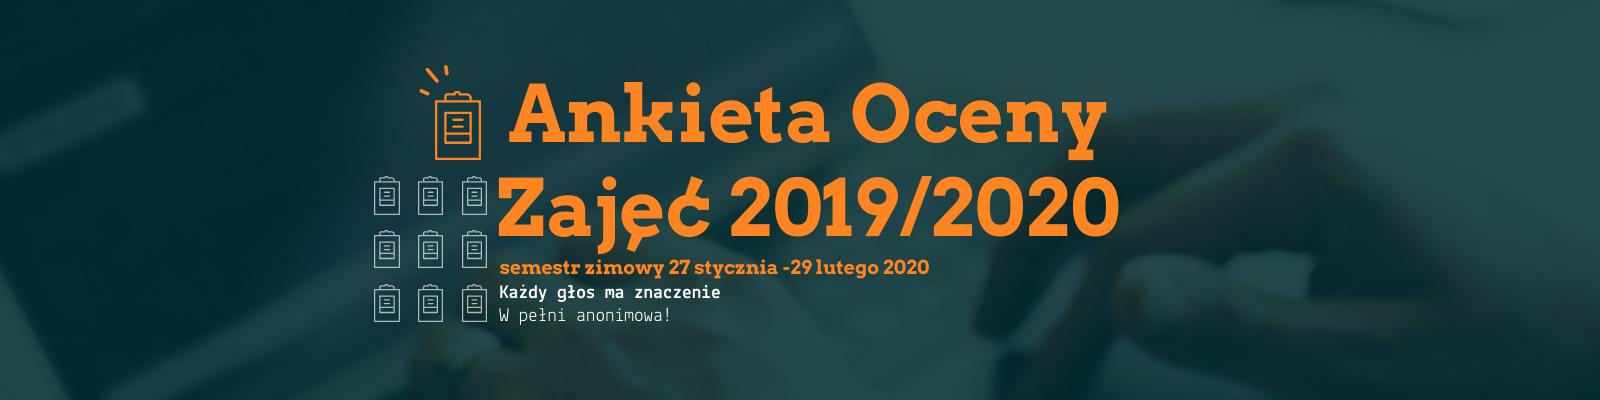 Ankieta Oceny Zajęć - semestr zimowy 2019/2020